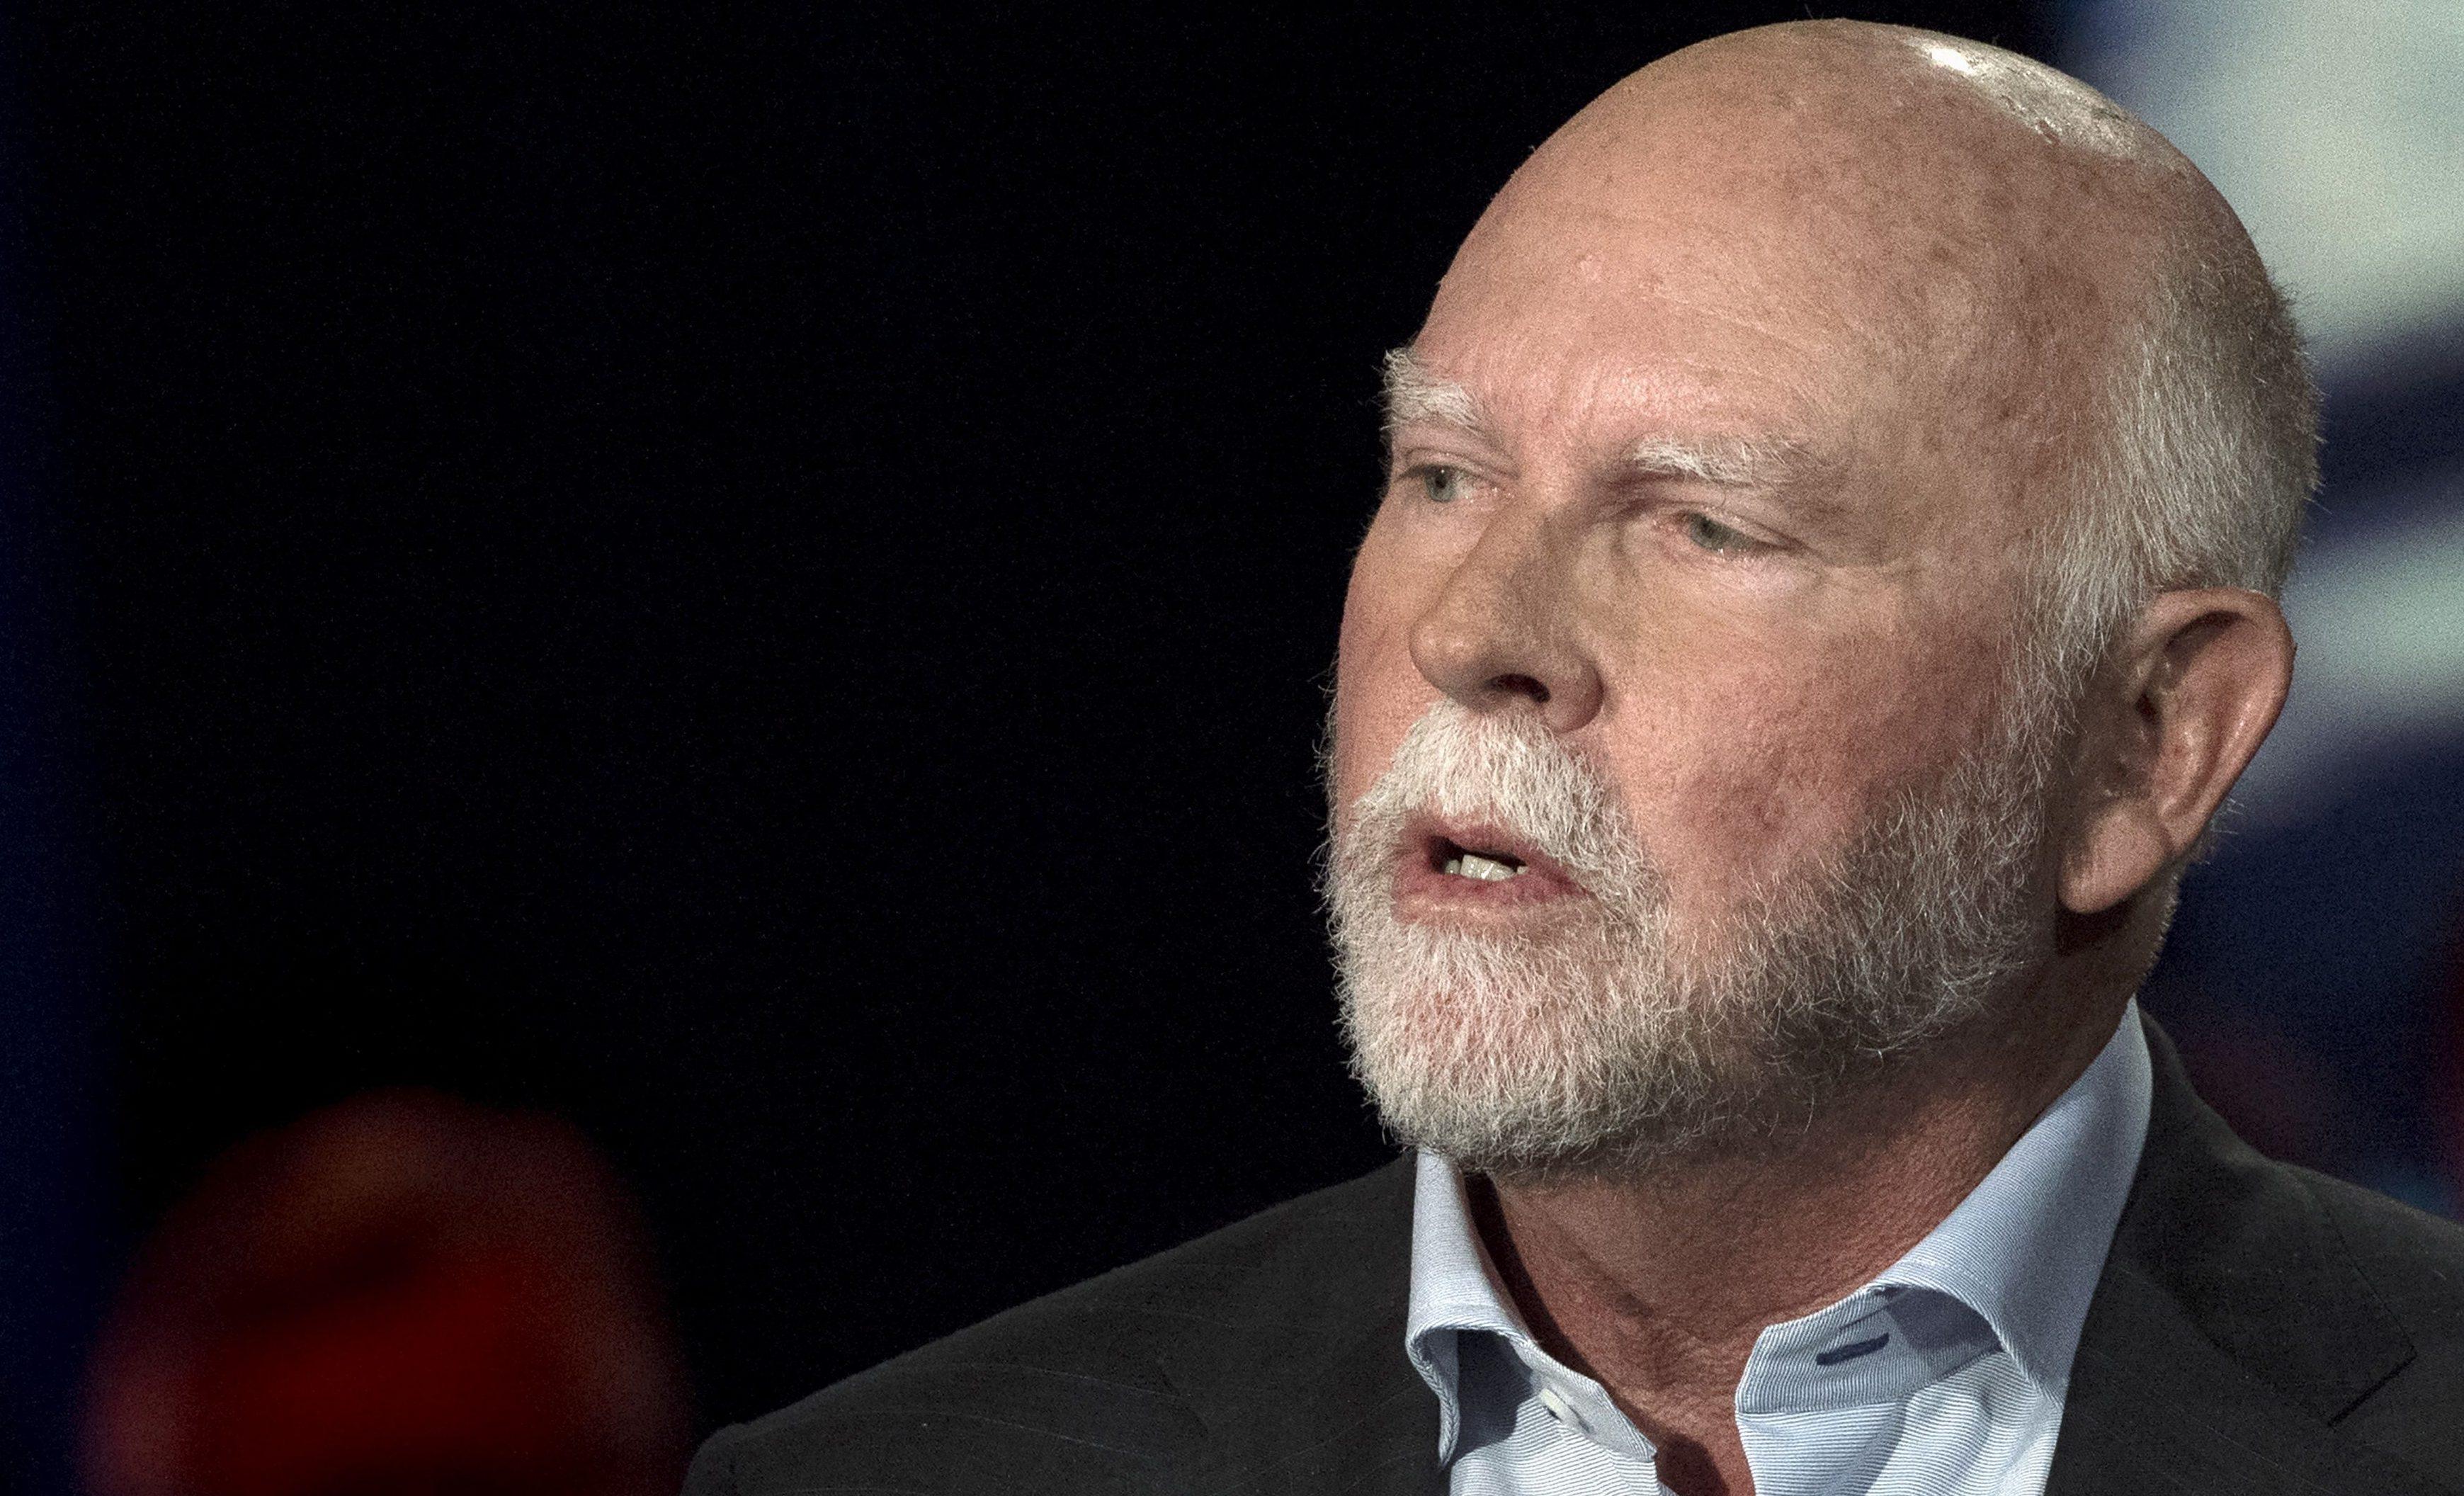 Geneticist Craig Venter